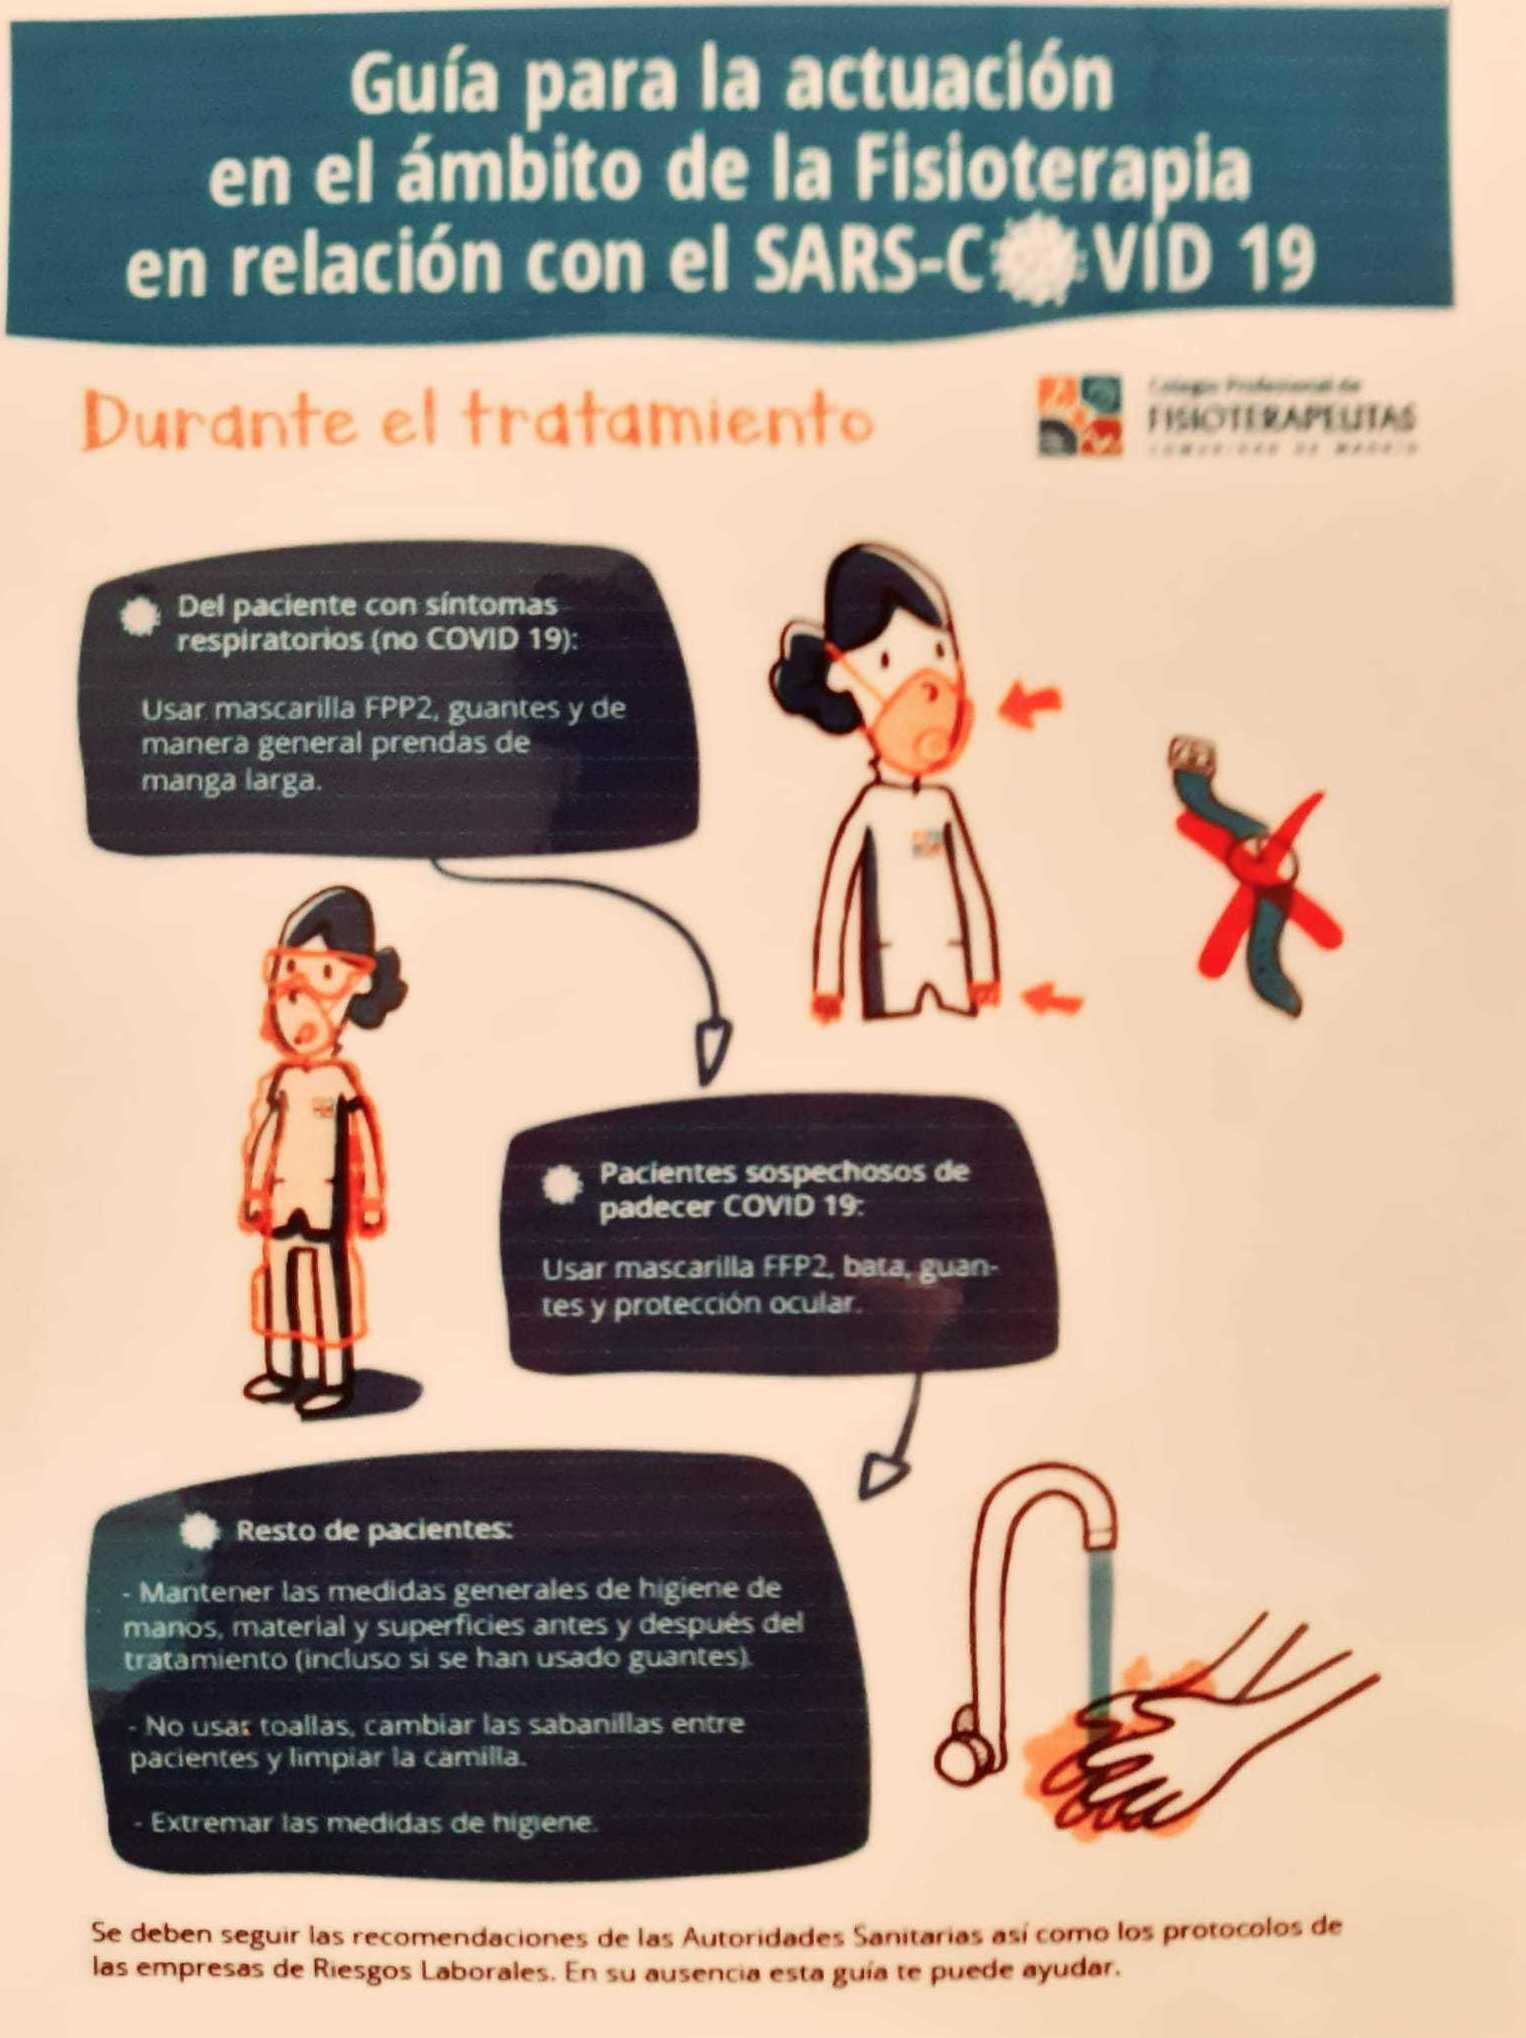 Guía de actuación en Fisioterapia en relación al covid-19